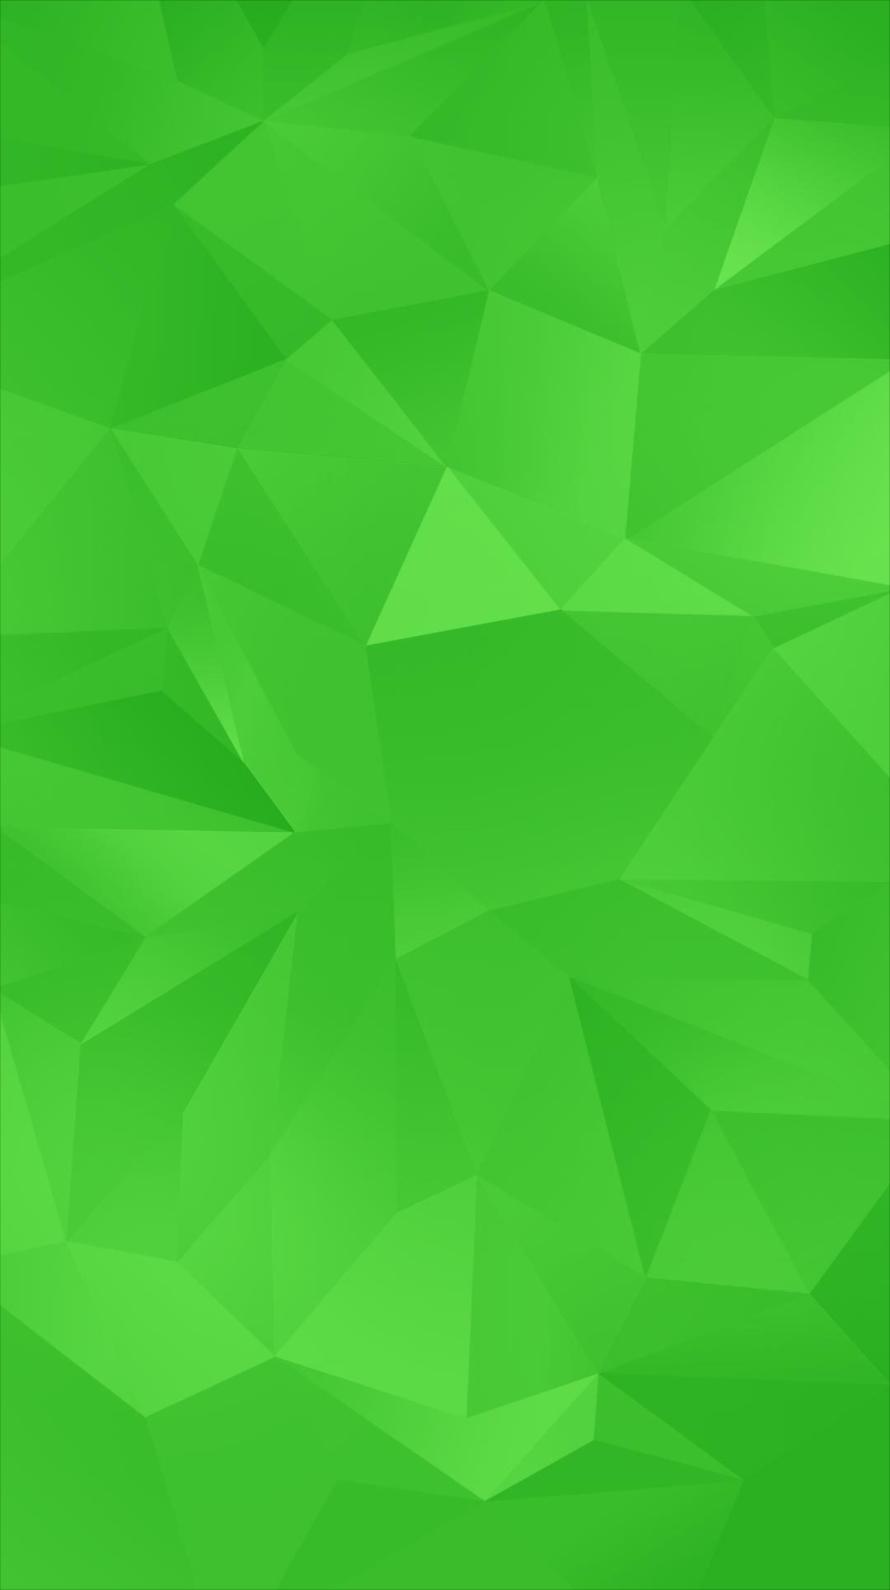 ポップな緑のパターン Iphone6壁紙 Wallpaperbox